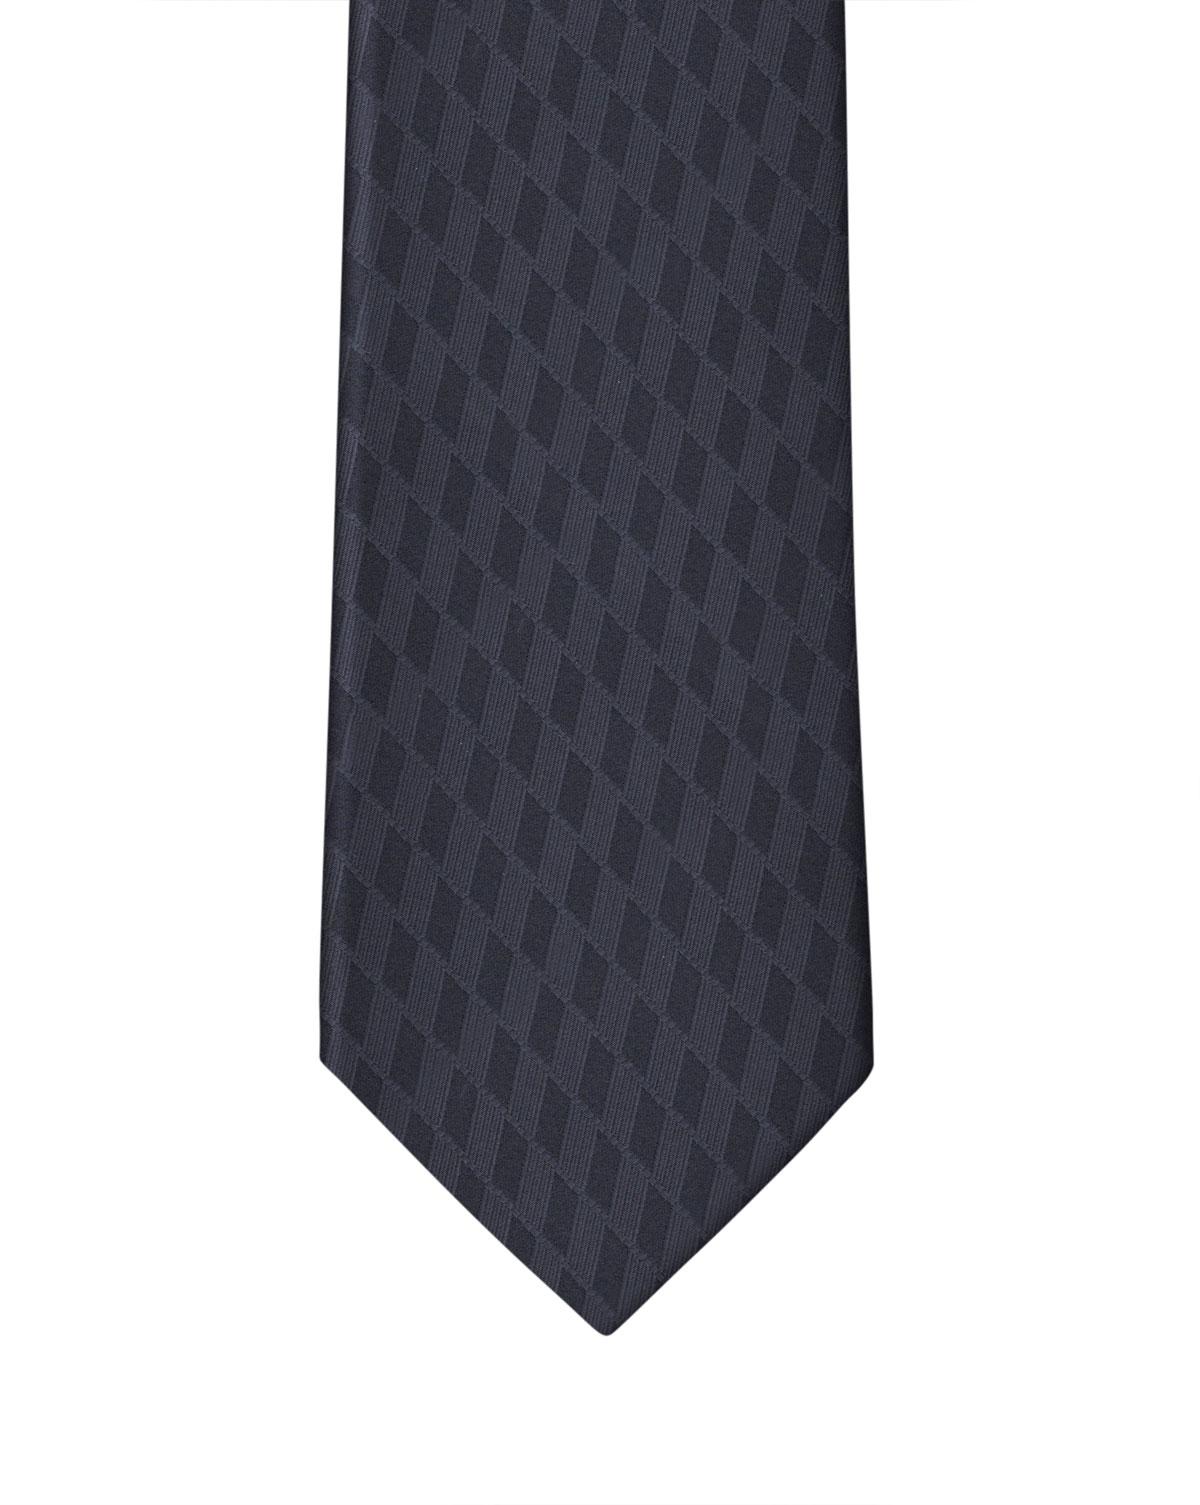 Navy Solid Necktie